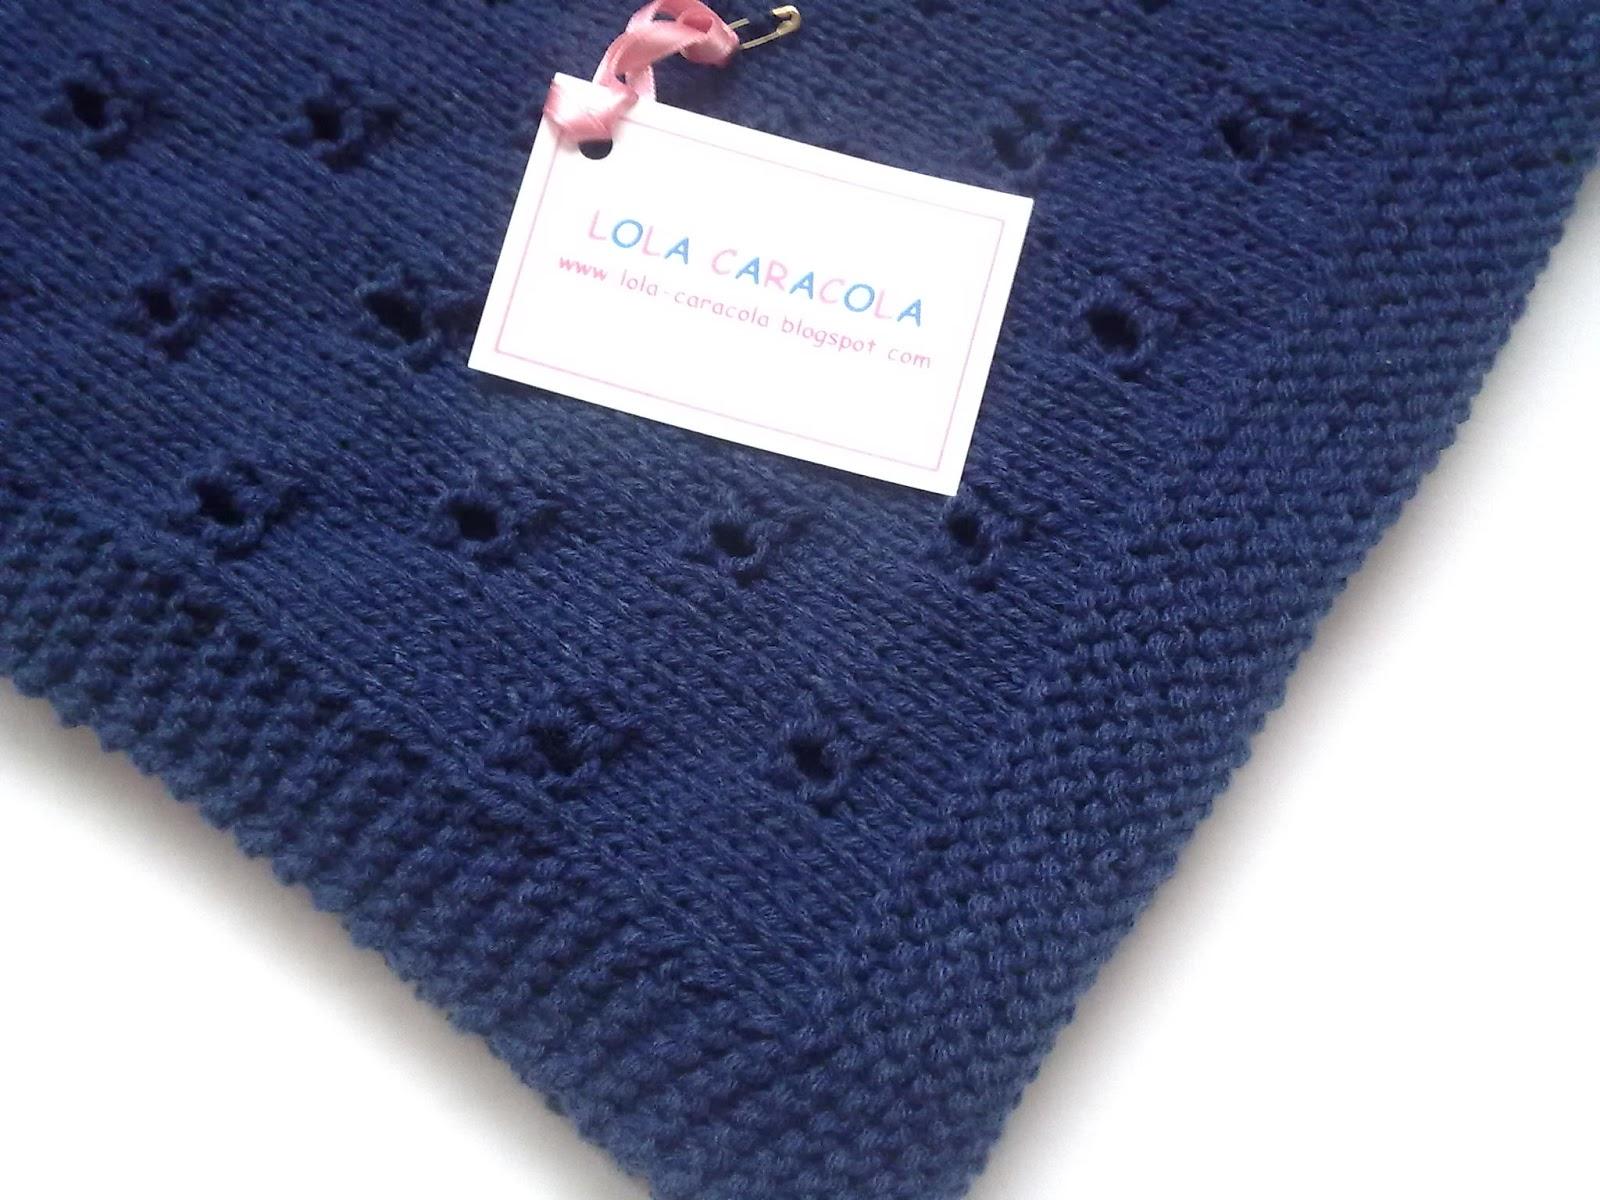 Lola caracola manta de lana para silla - Lana gorda para mantas ...